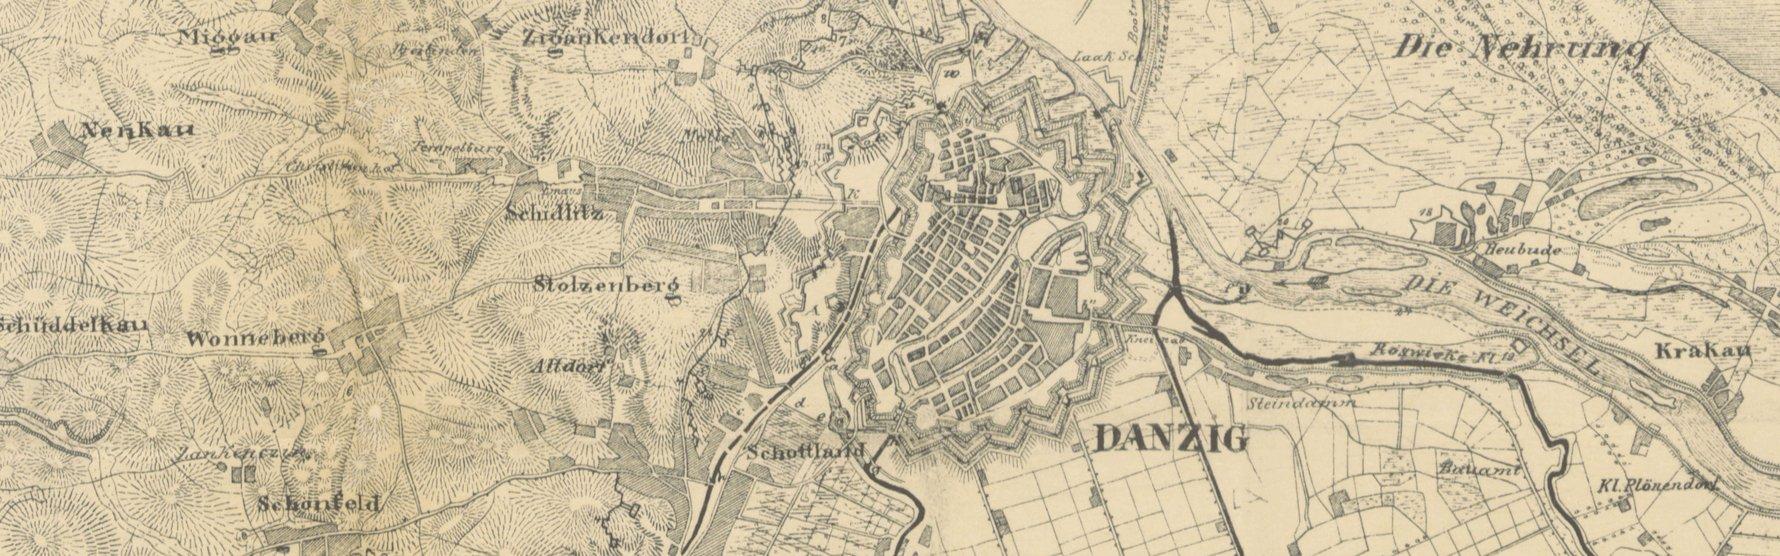 Map of Danzig, 1814